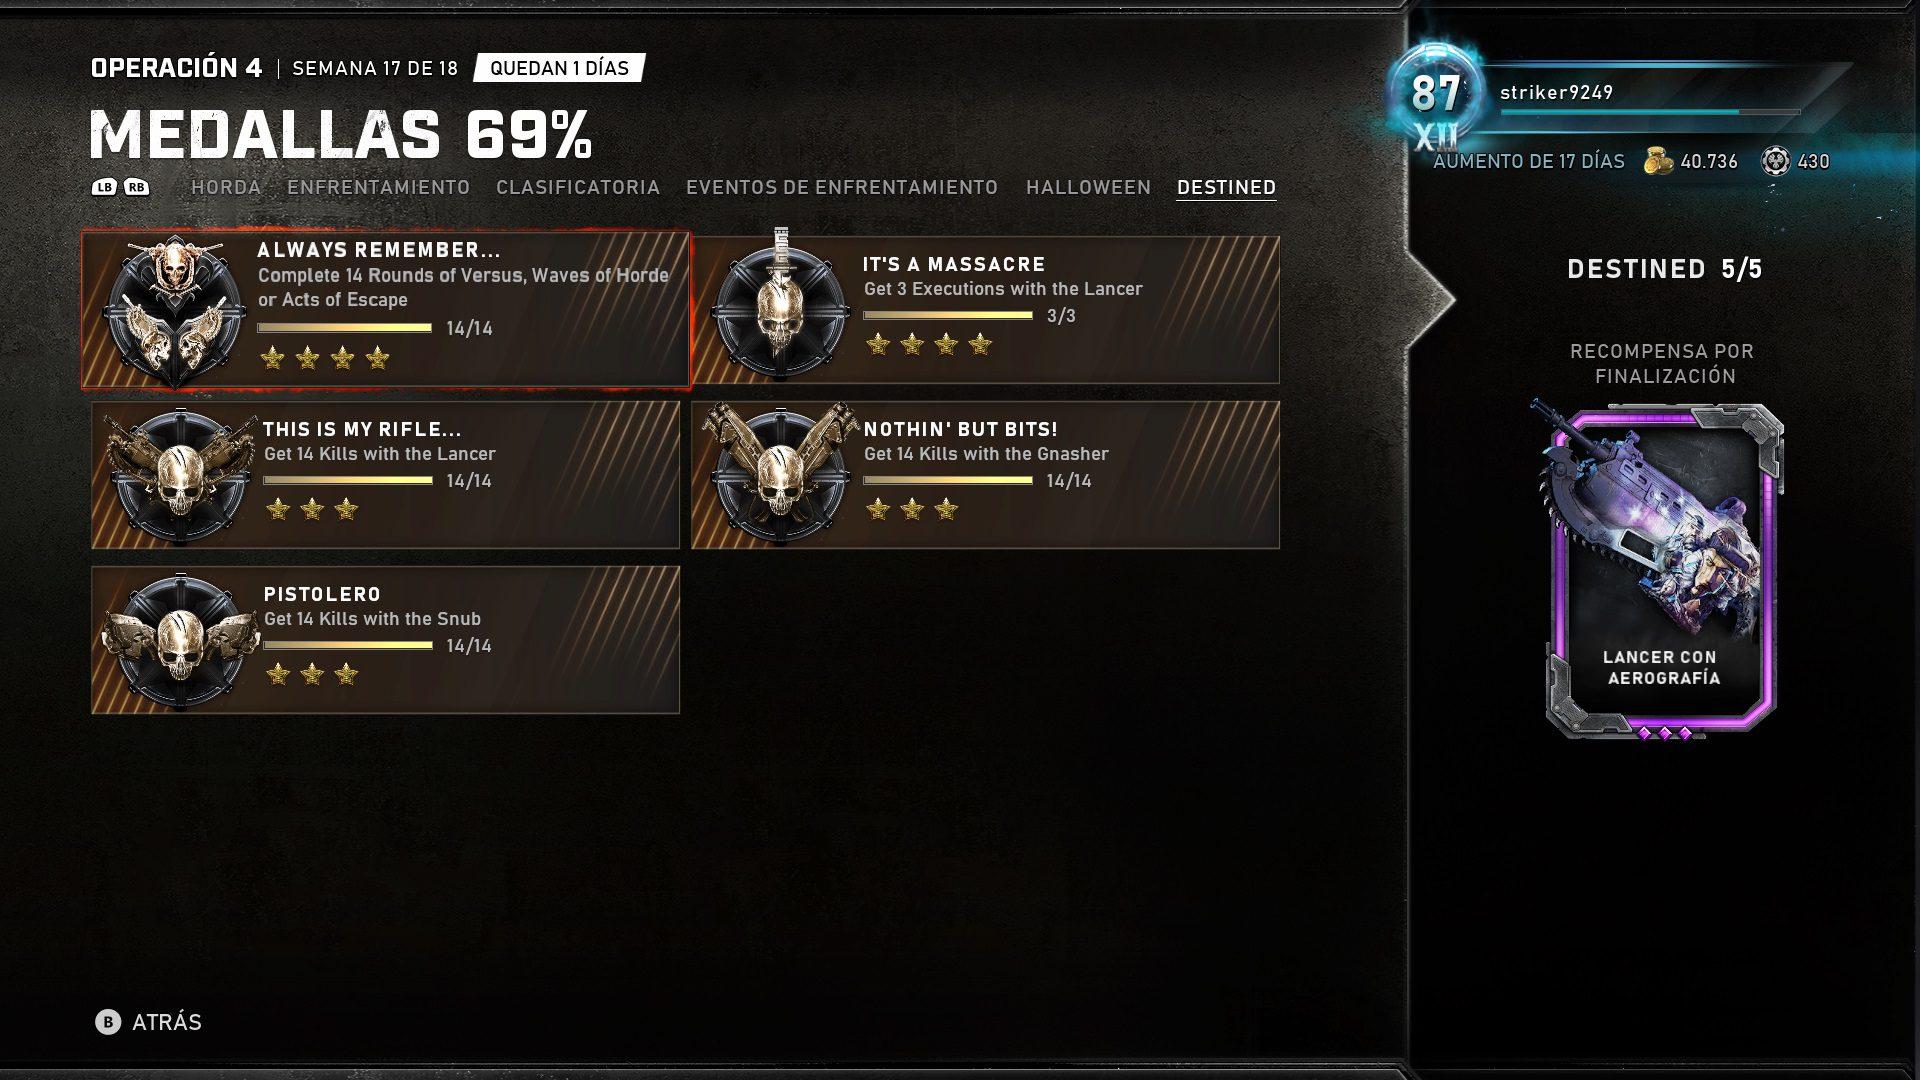 Consigue estas nuevas skins para las armas de Gears 5 por el 14 aniversario de la saga